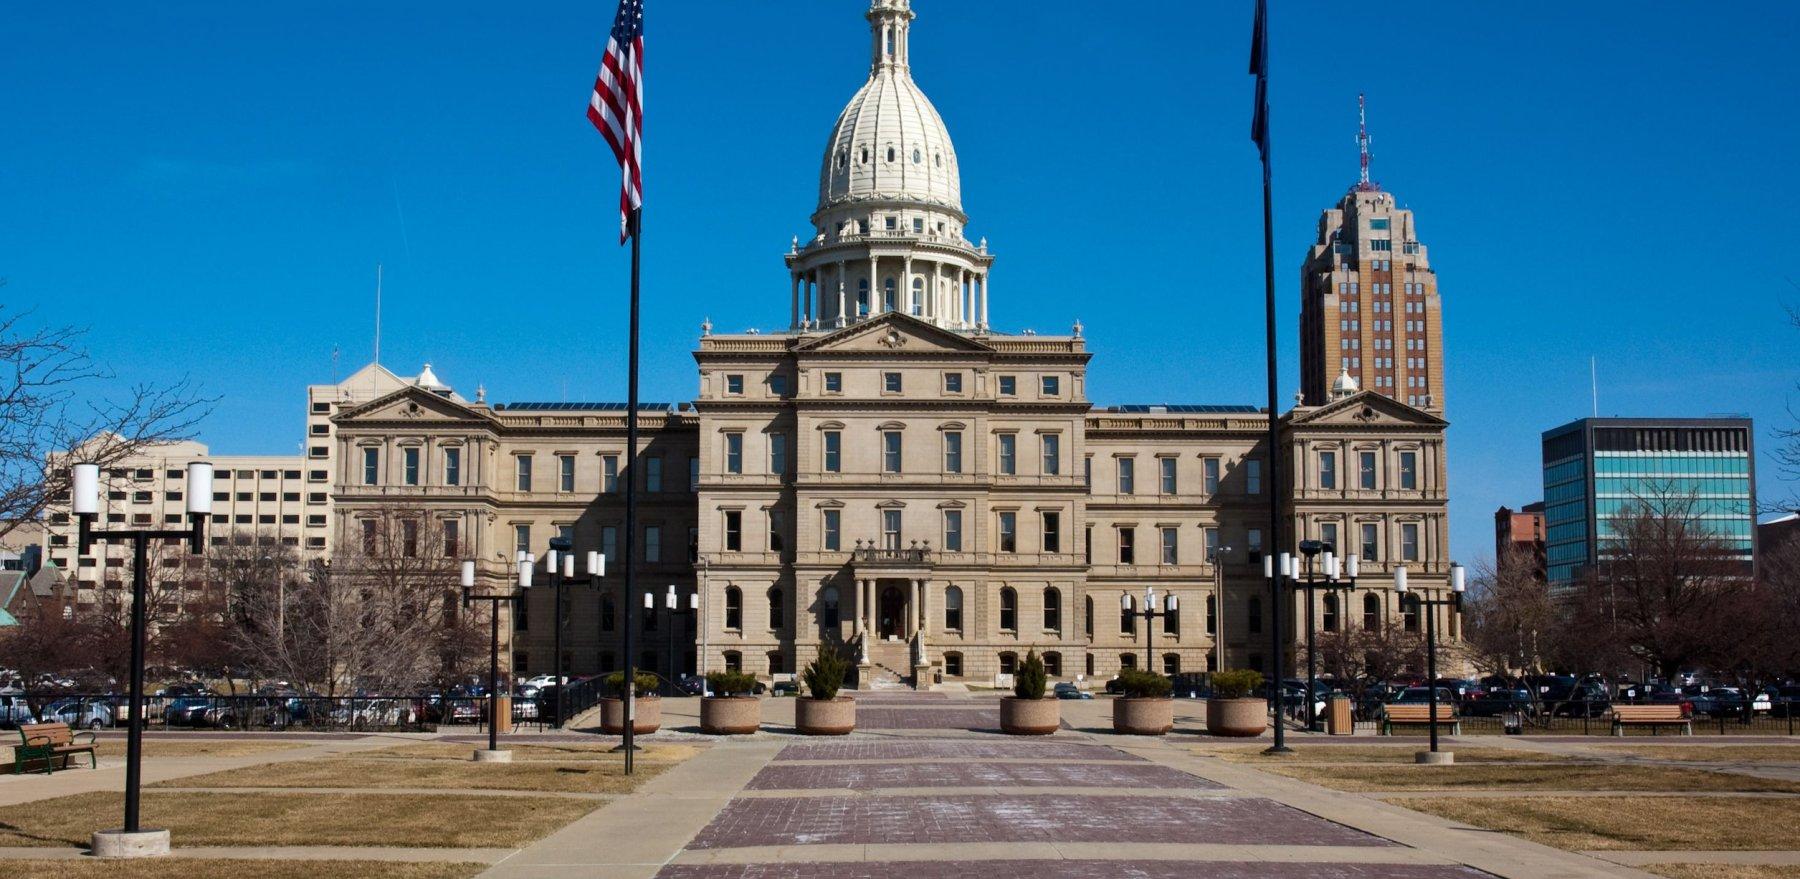 Michigan State Capitol Building. Lansing, MI, USA.